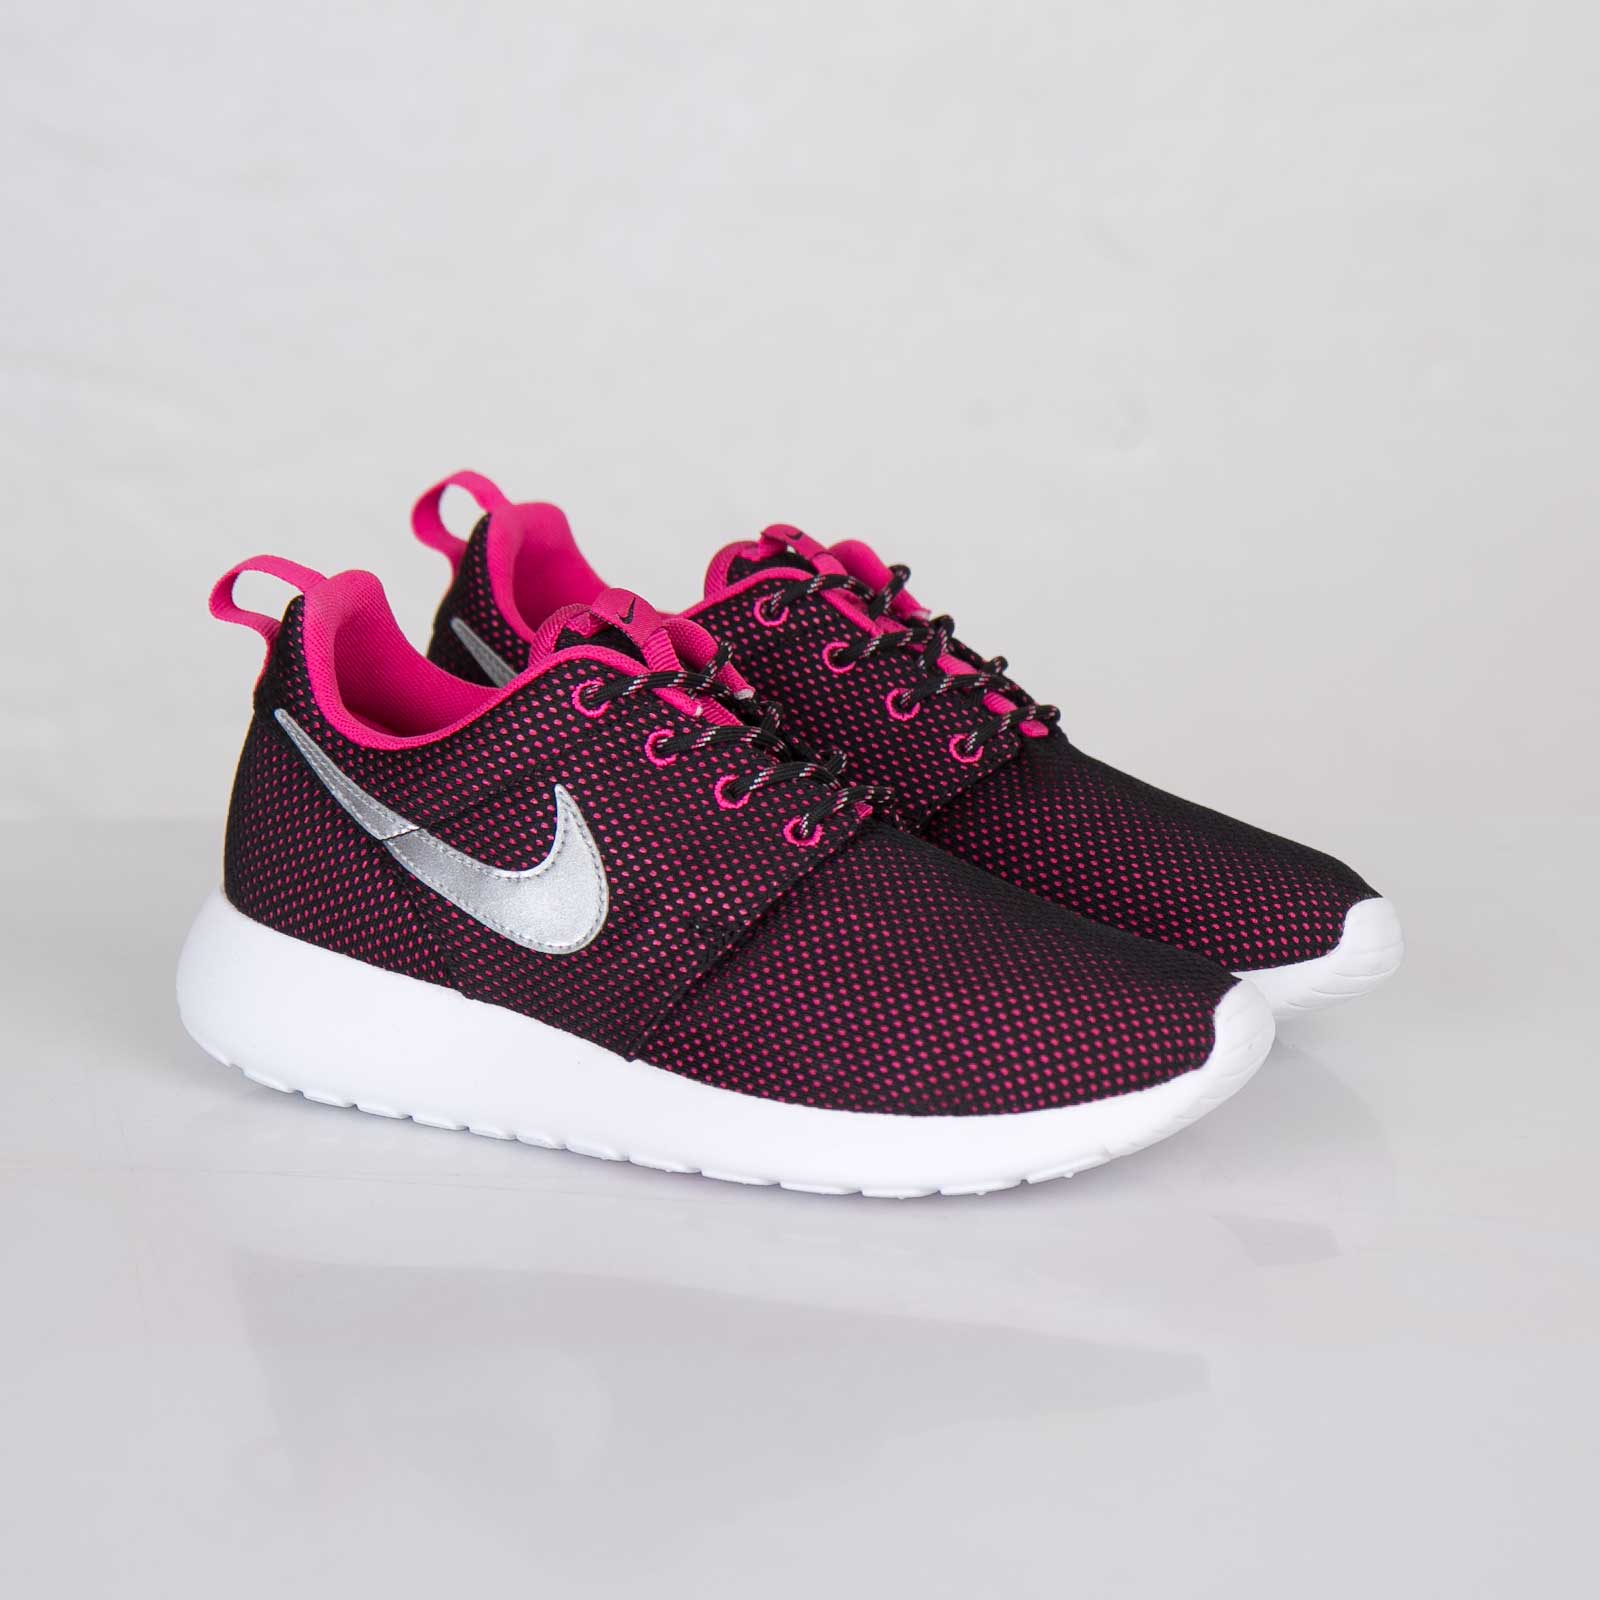 Nike Roshe Run (GS) 599729 002 Sneakersnstuff | sneakers